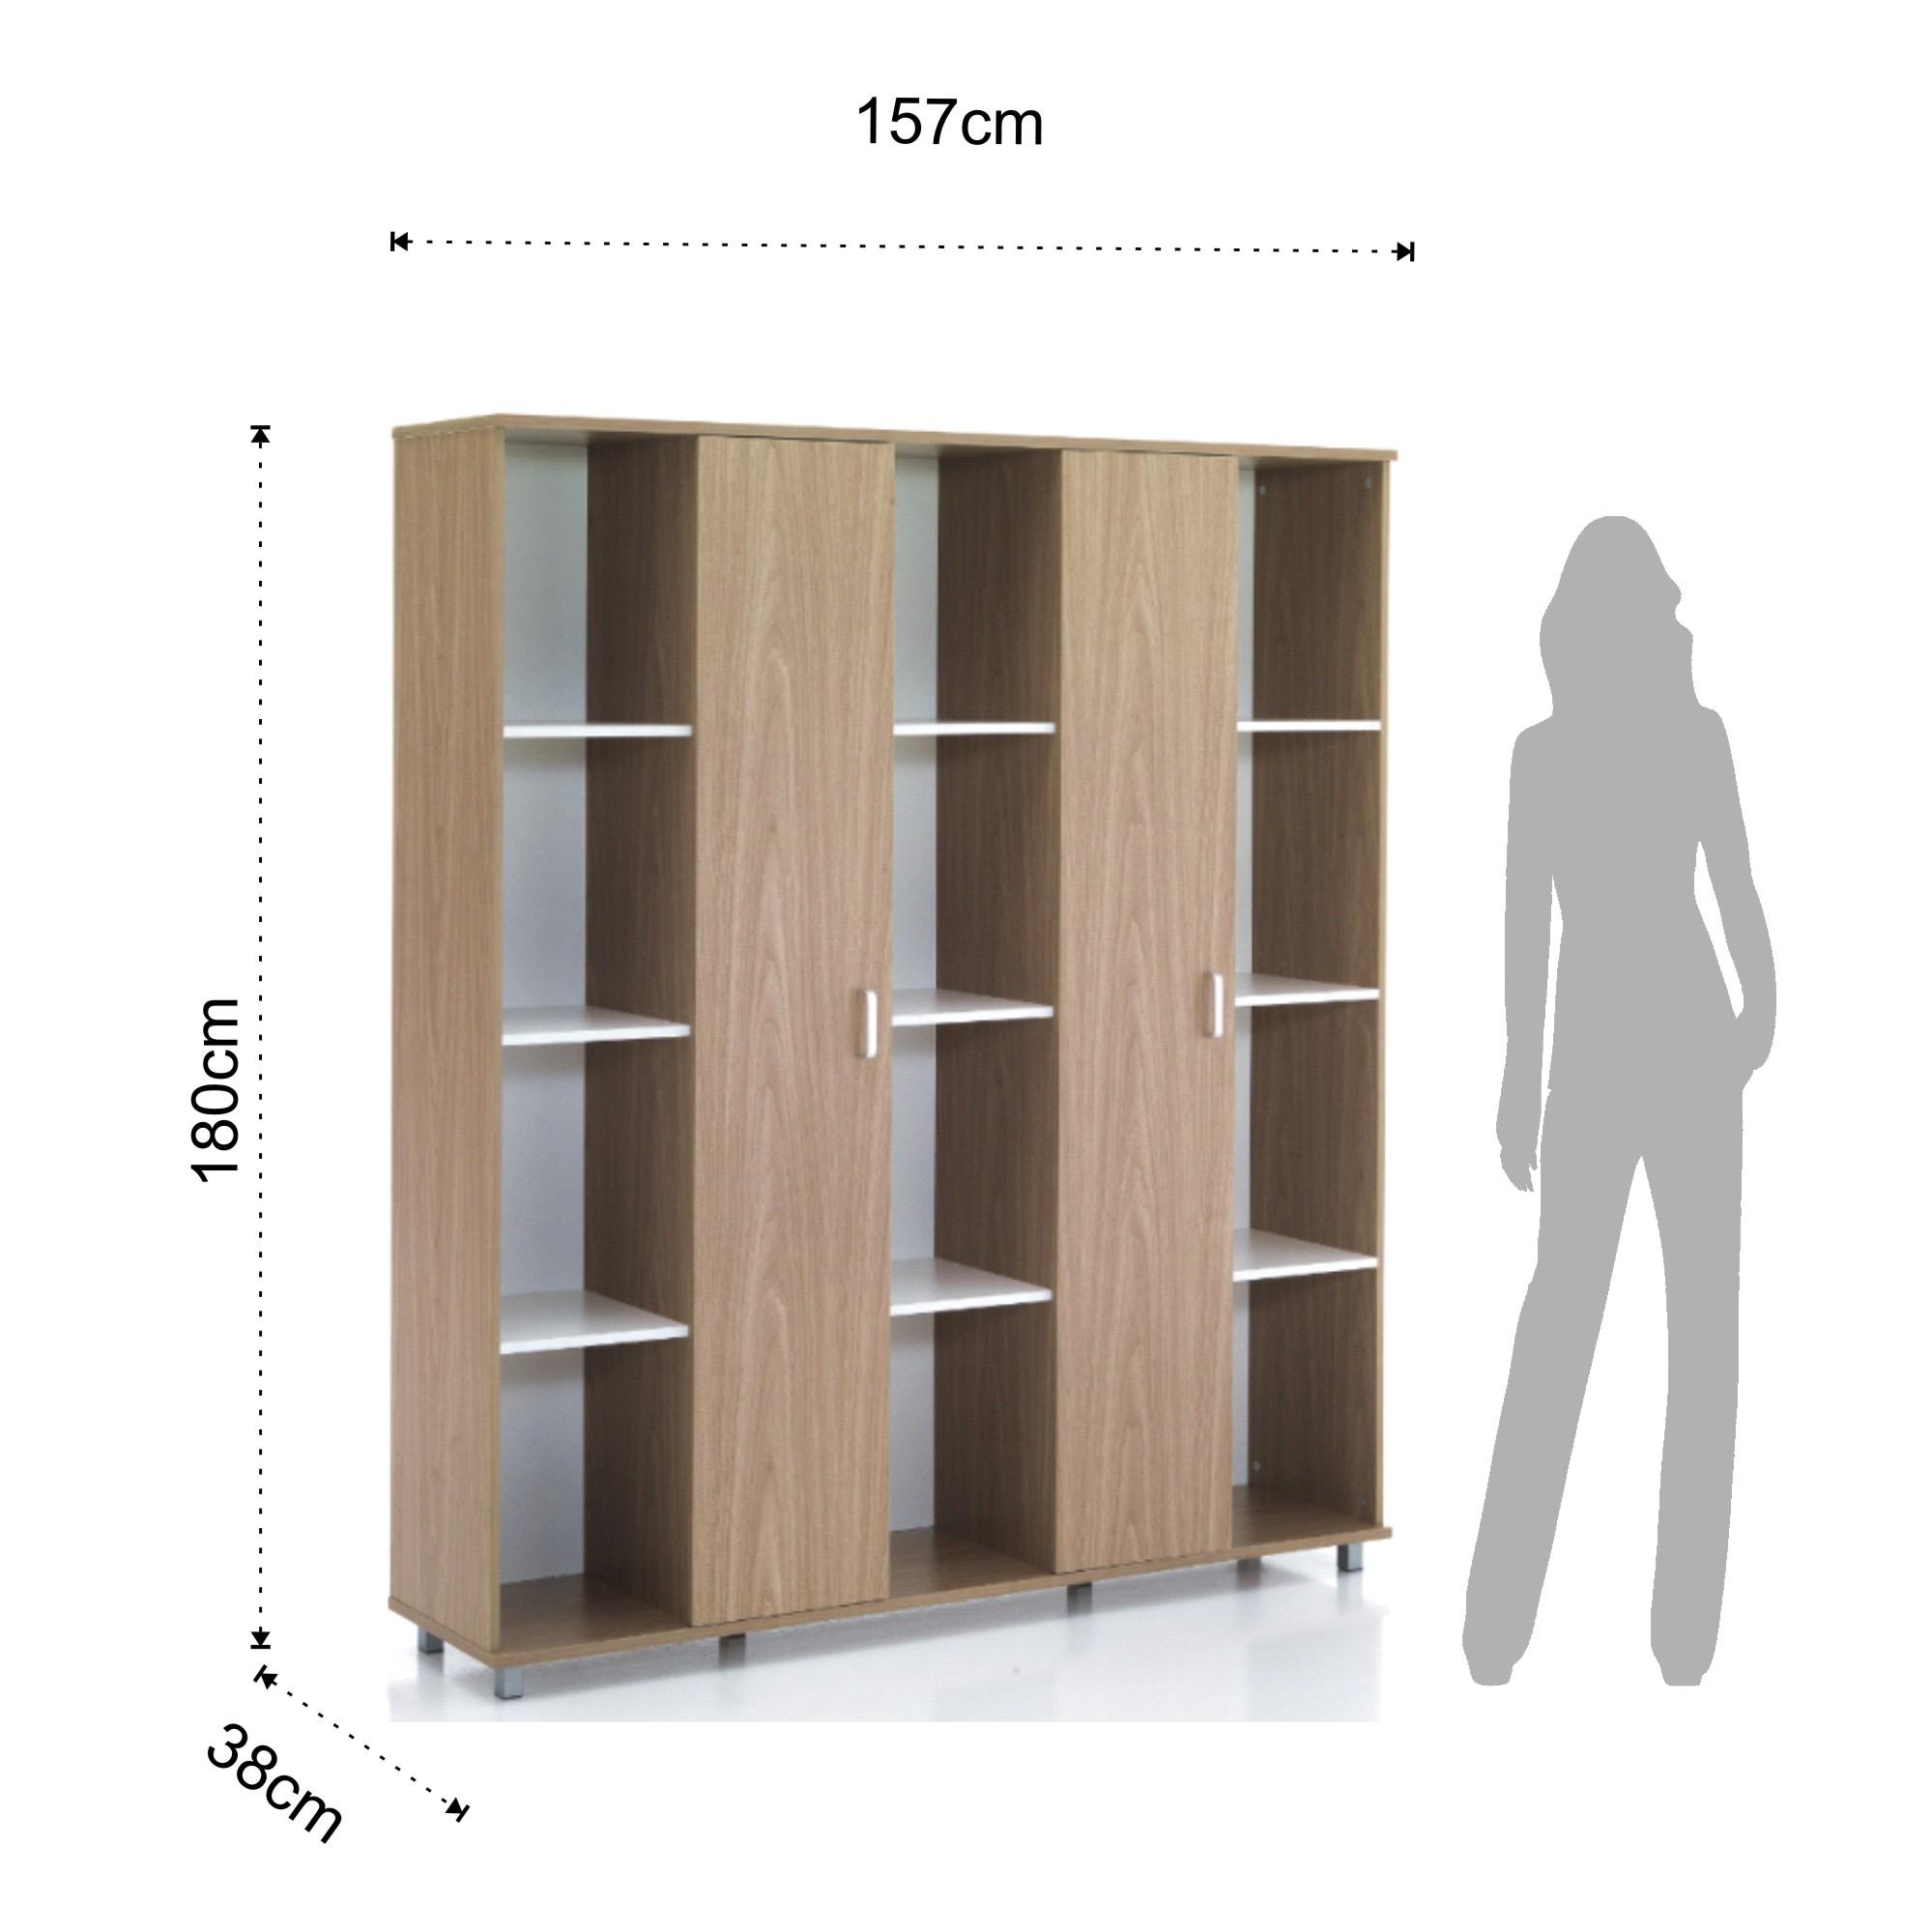 libreria 12 vani + 2/a SET-UP